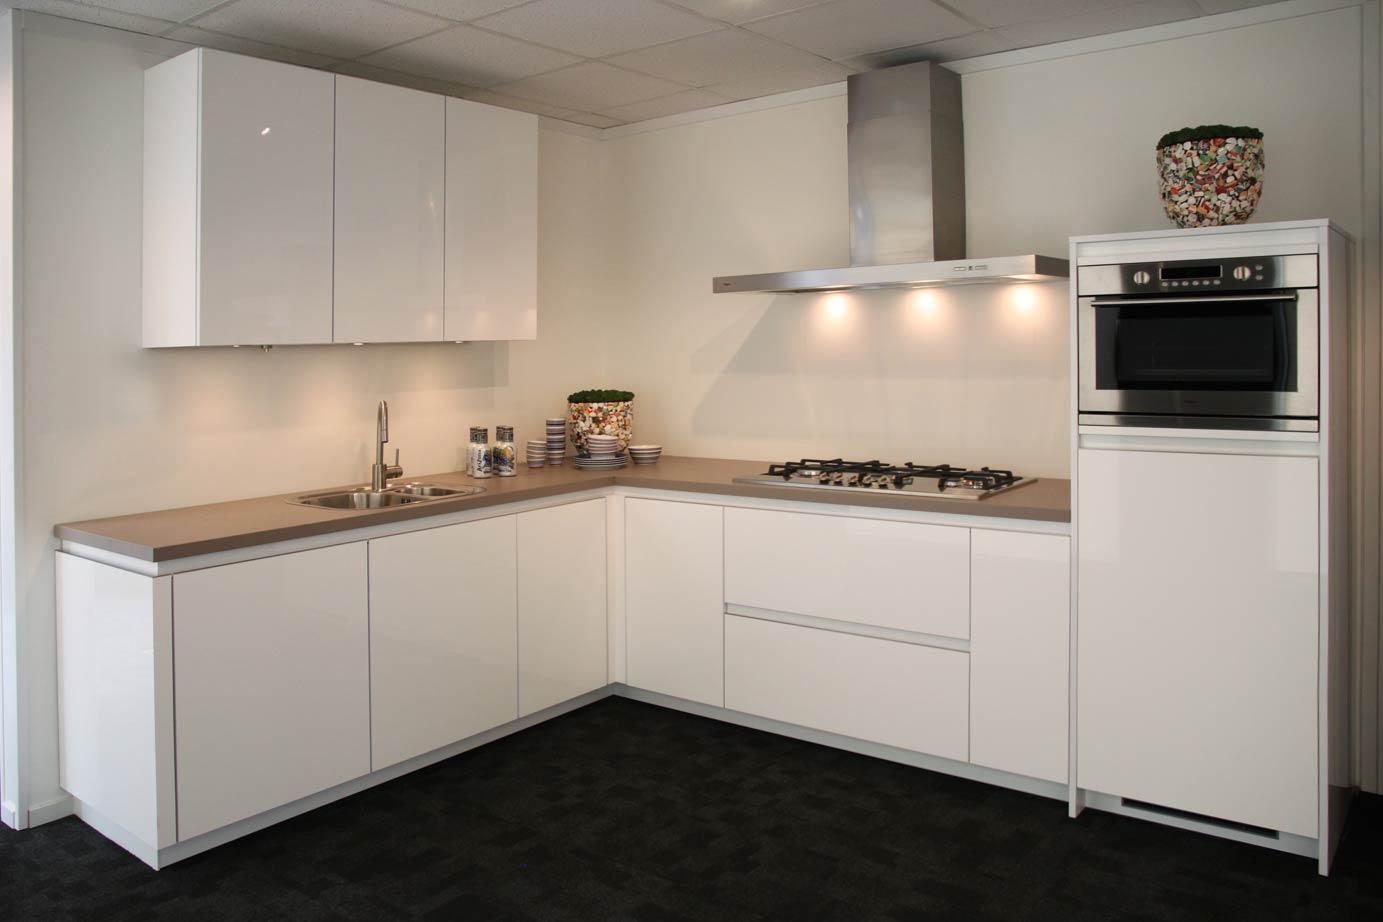 Goedkope Keukens Greeploos : Keuken » Keuken Inclusief Montage Inspirerende foto s en